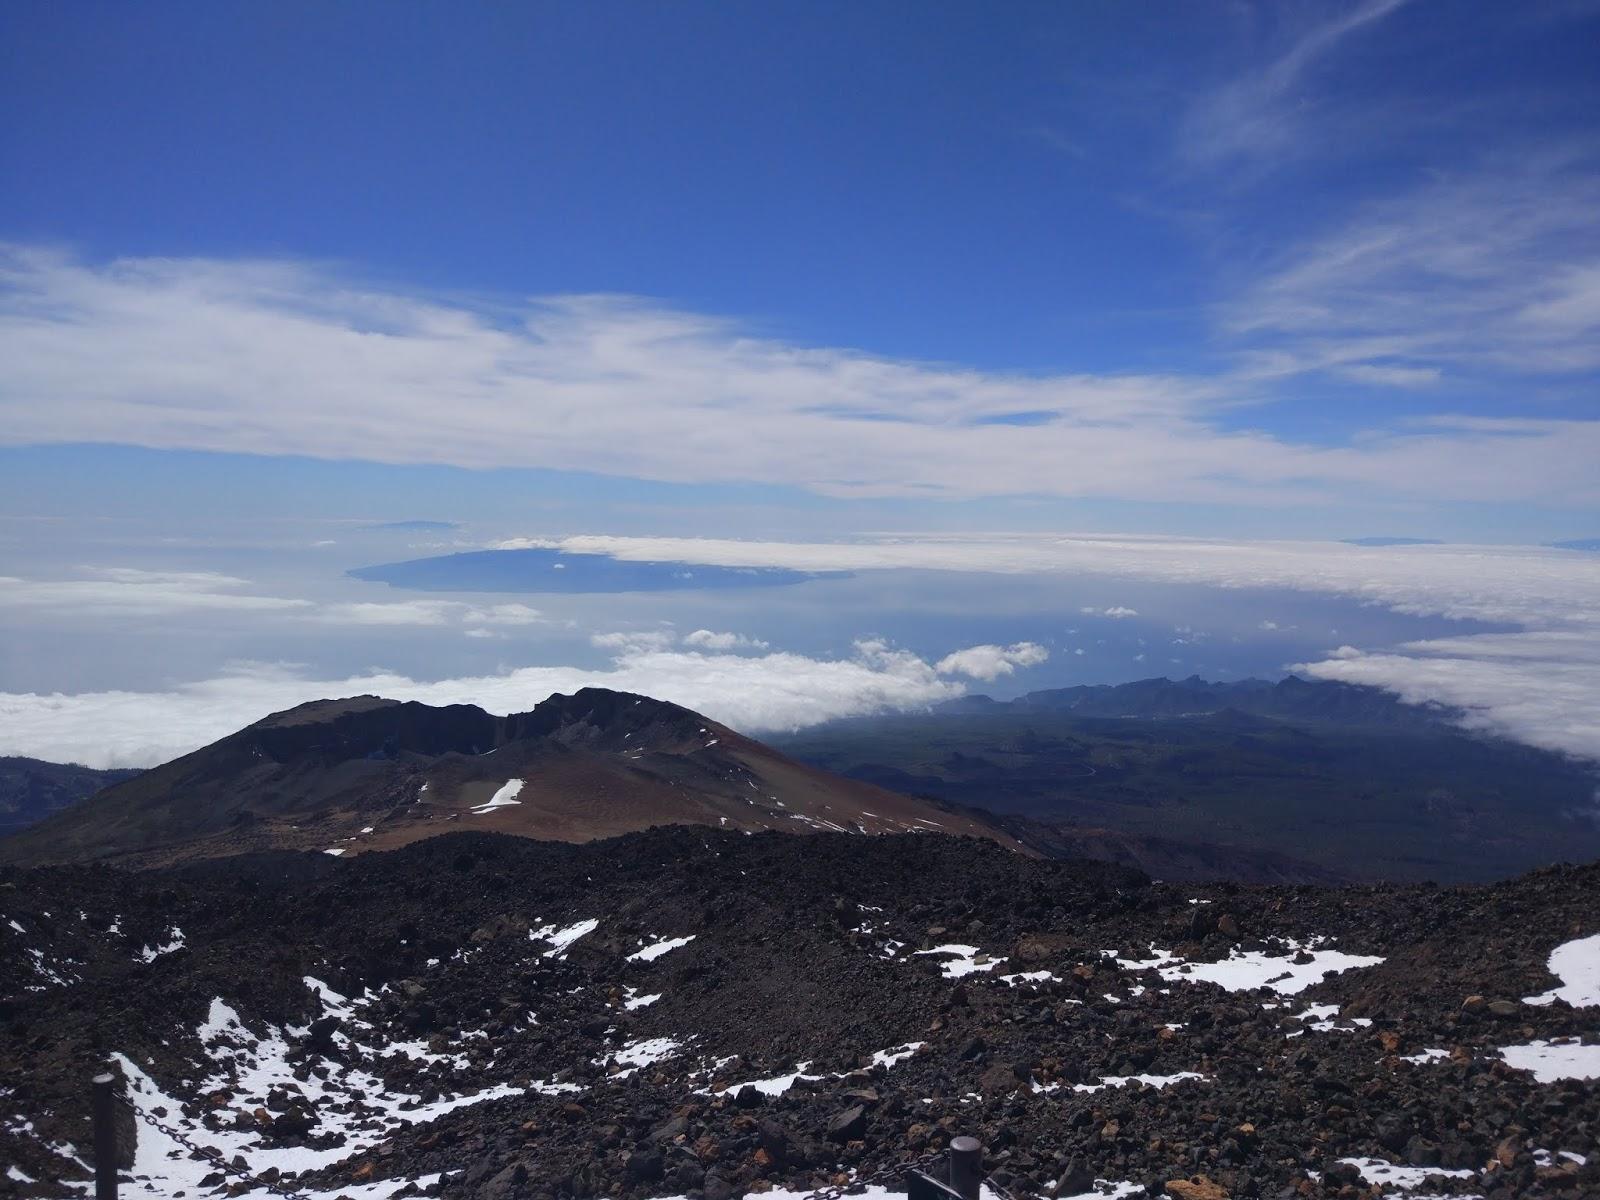 Jak wygląda świat z 3555 m? Teneryfa i Wulkan Teide